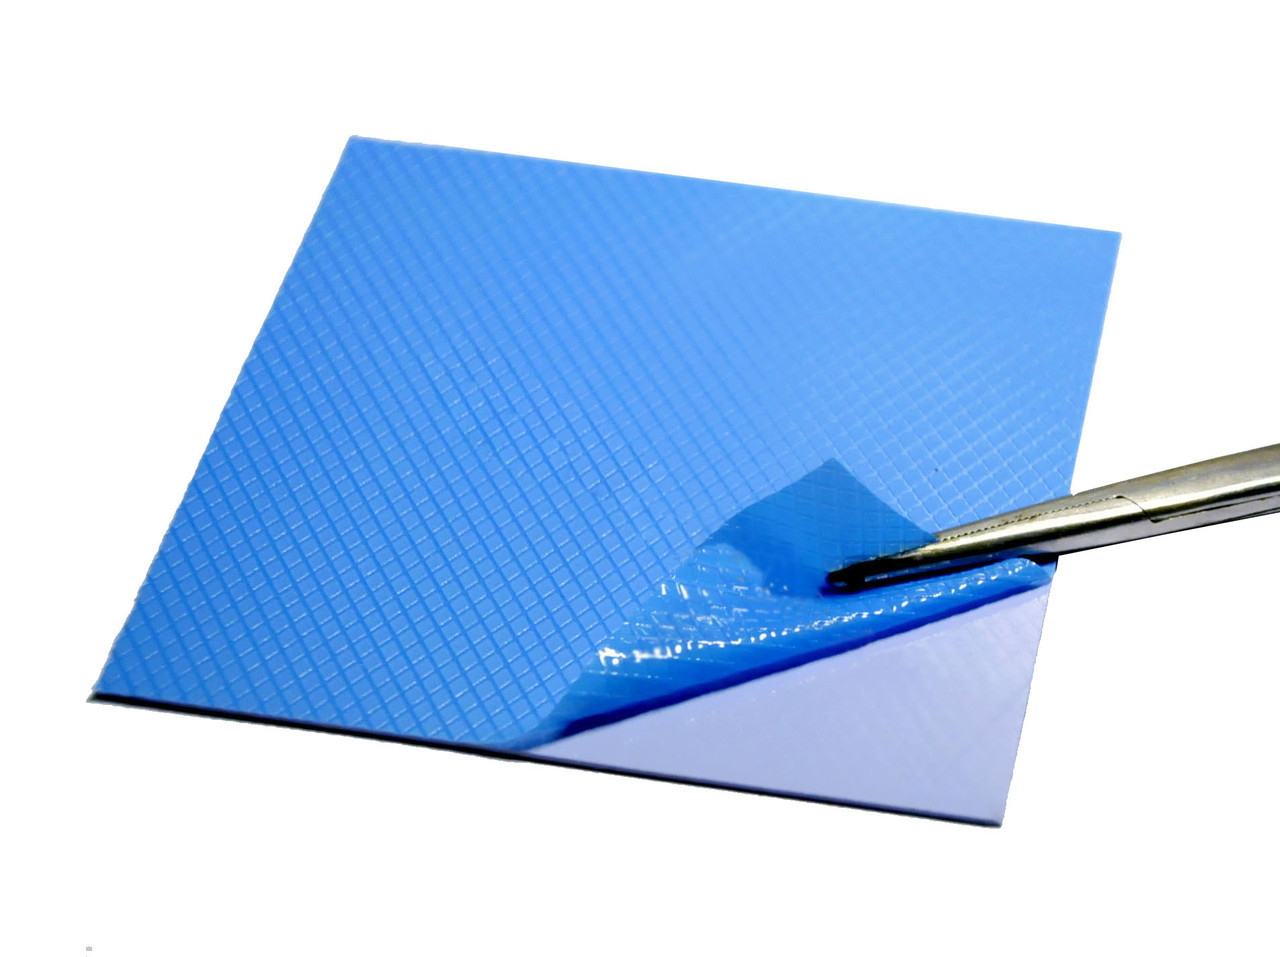 Термопрокладка 3KS 3K800 G20 1.0мм 100x100 синяя 8 Вт/м*К термоинтерфейс для ноутбука (TPr-3K8W-G20)